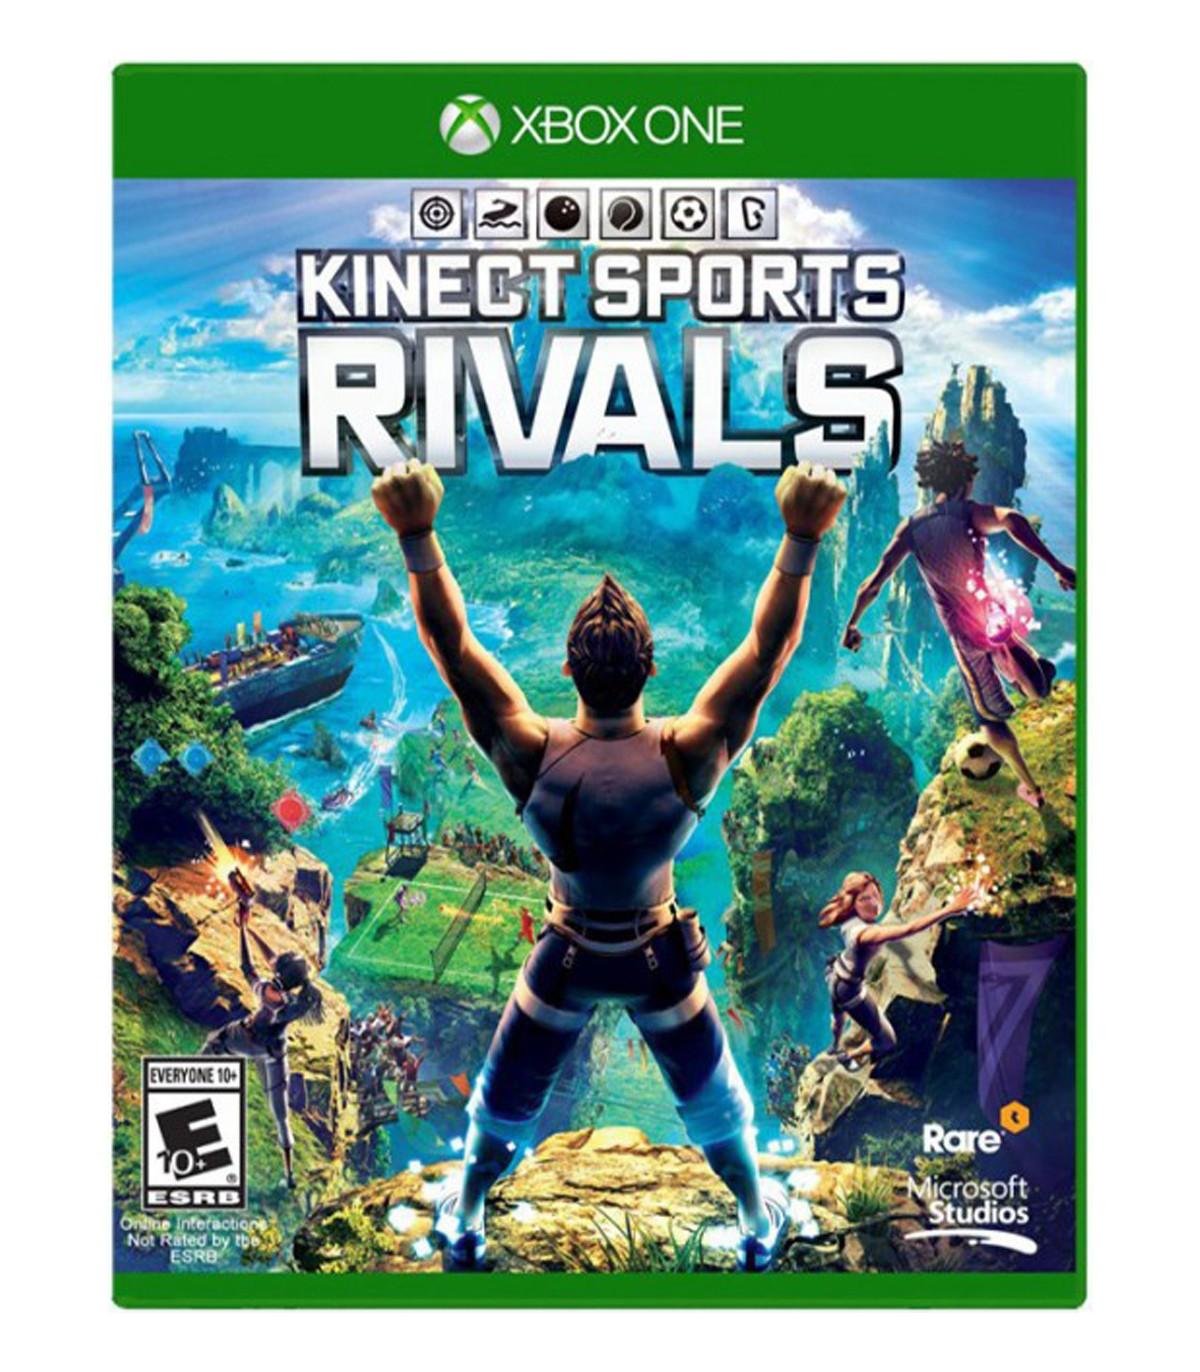 بازی Kinect Sports Rivals کارکرده - ایکس باکس وان